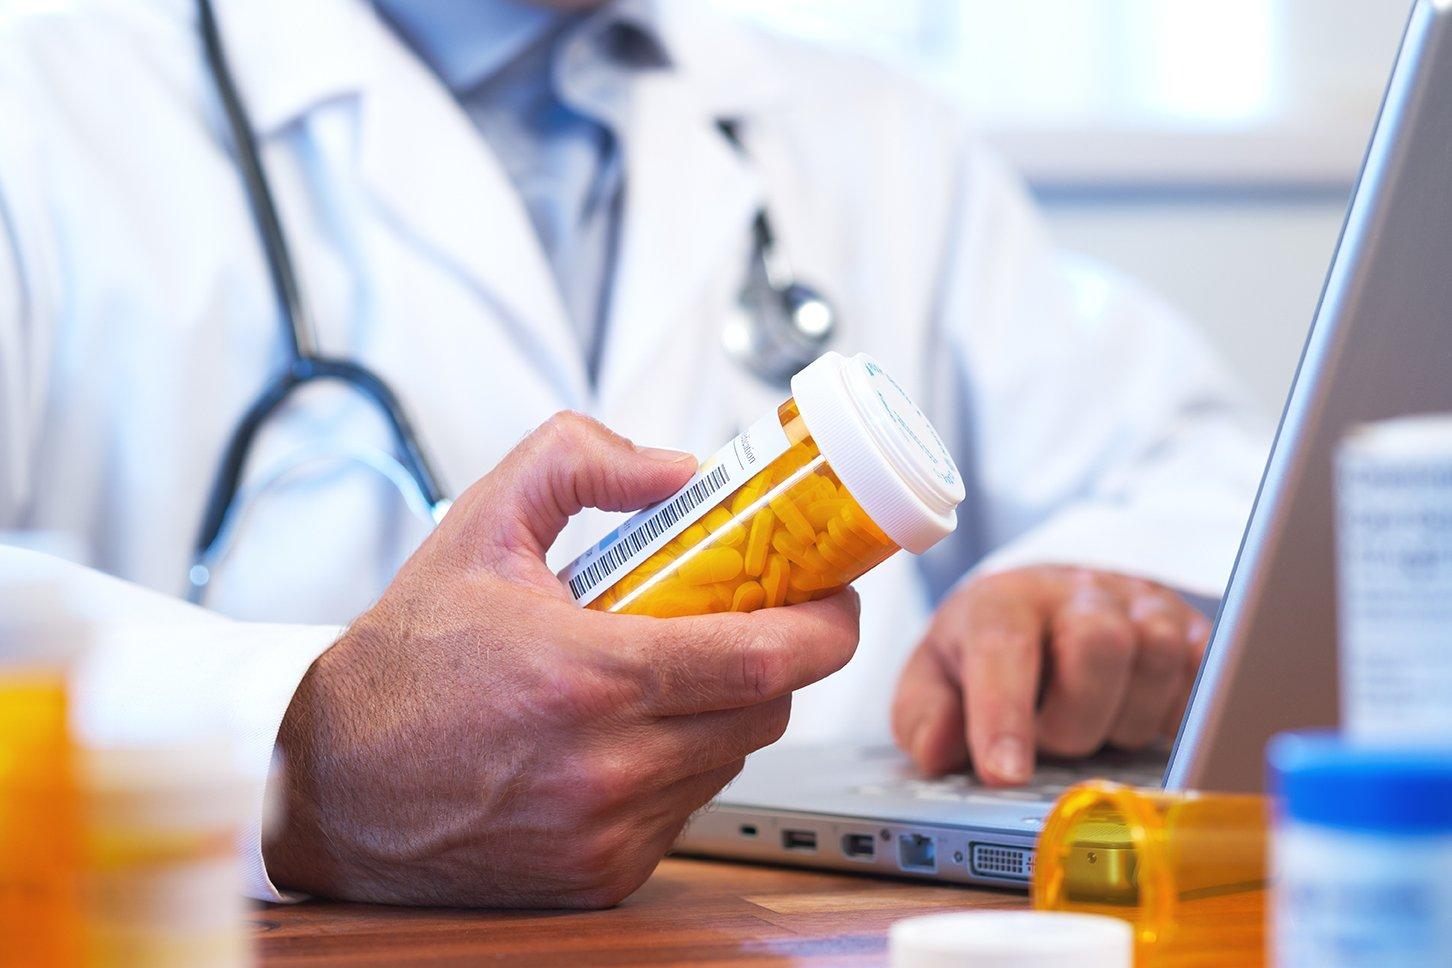 Иммунолог - о лекарственной зависимости: Организм привыкает, что за него выполняют работу